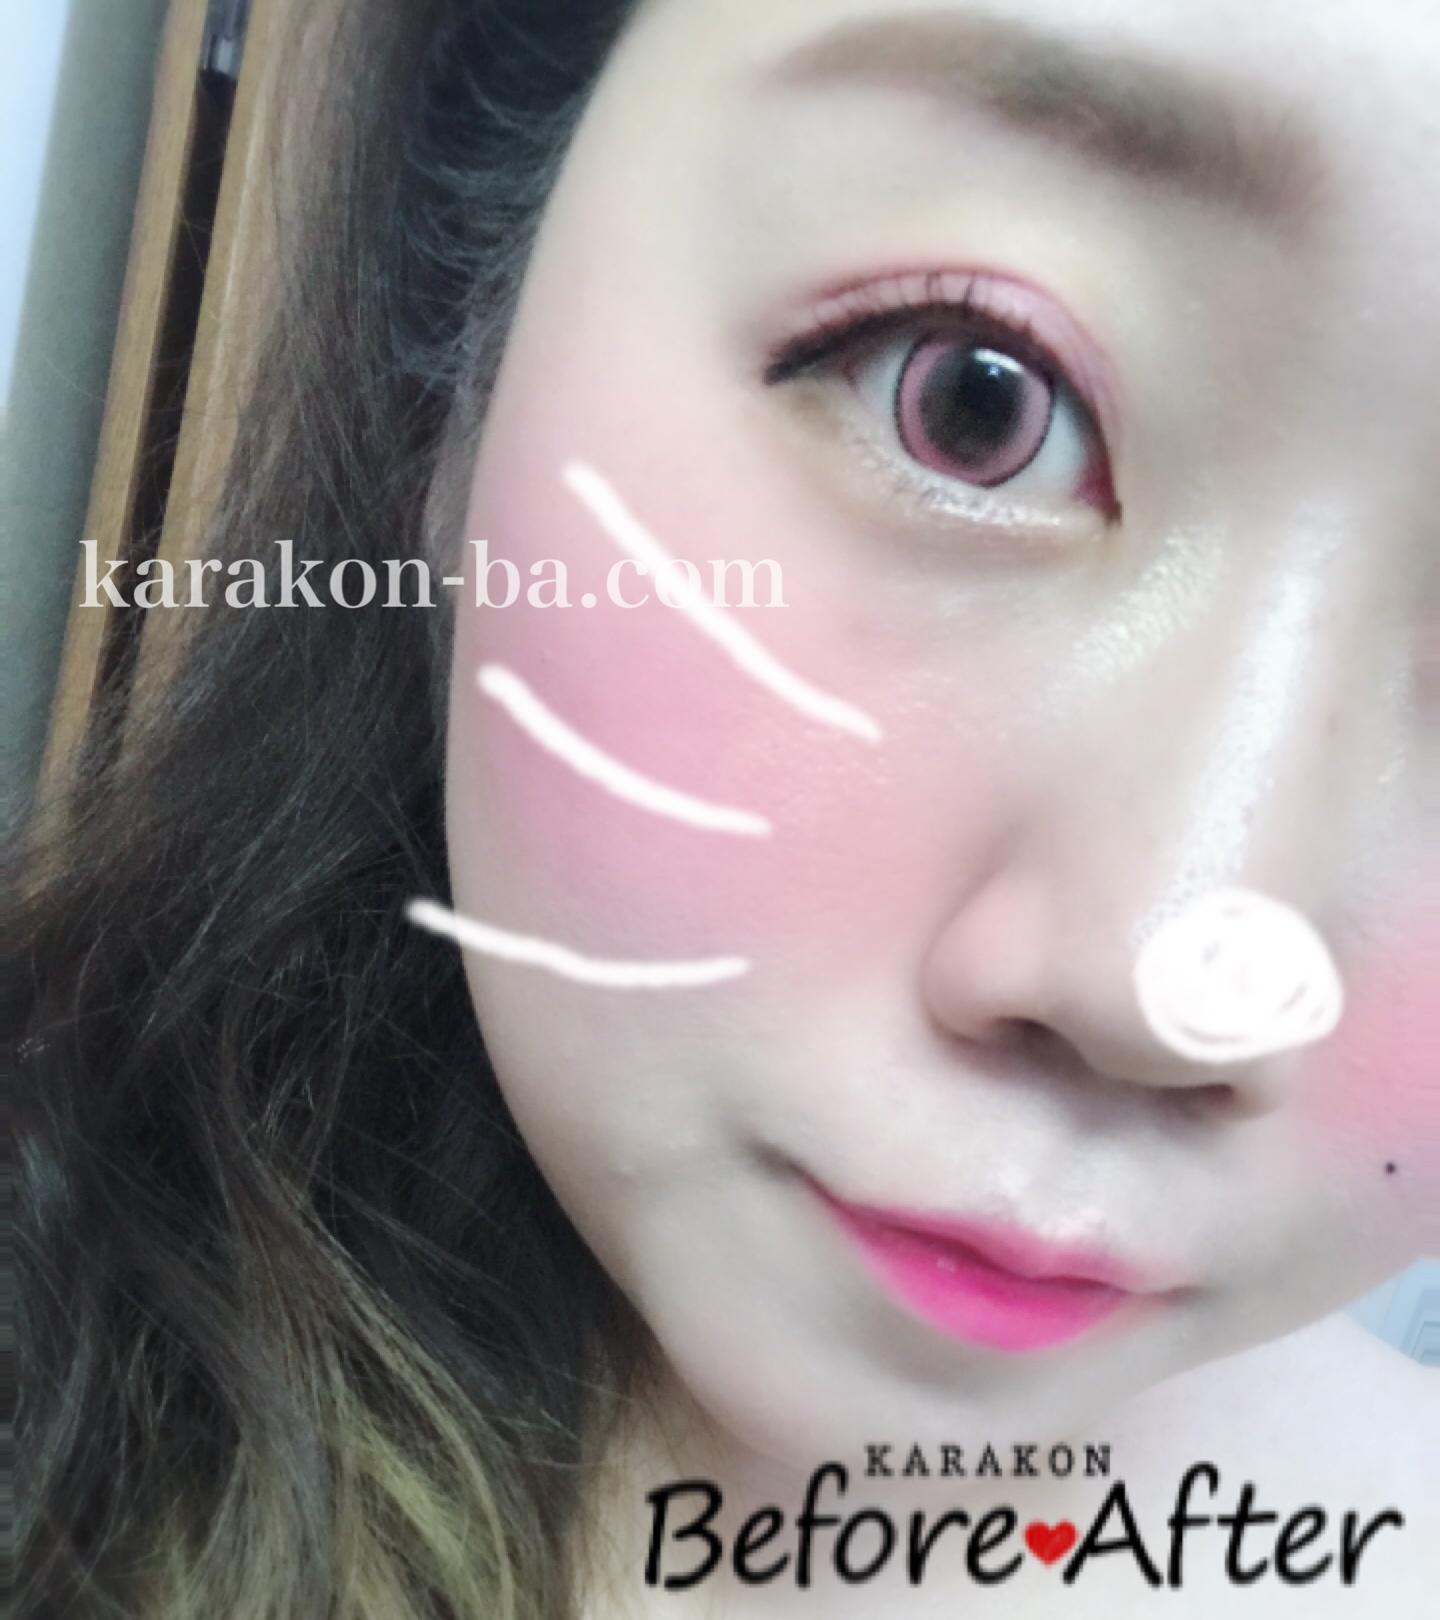 Assist ChouChou(アシスト シュシュ)イチゴミルクのカラコン装着画像/別パターン